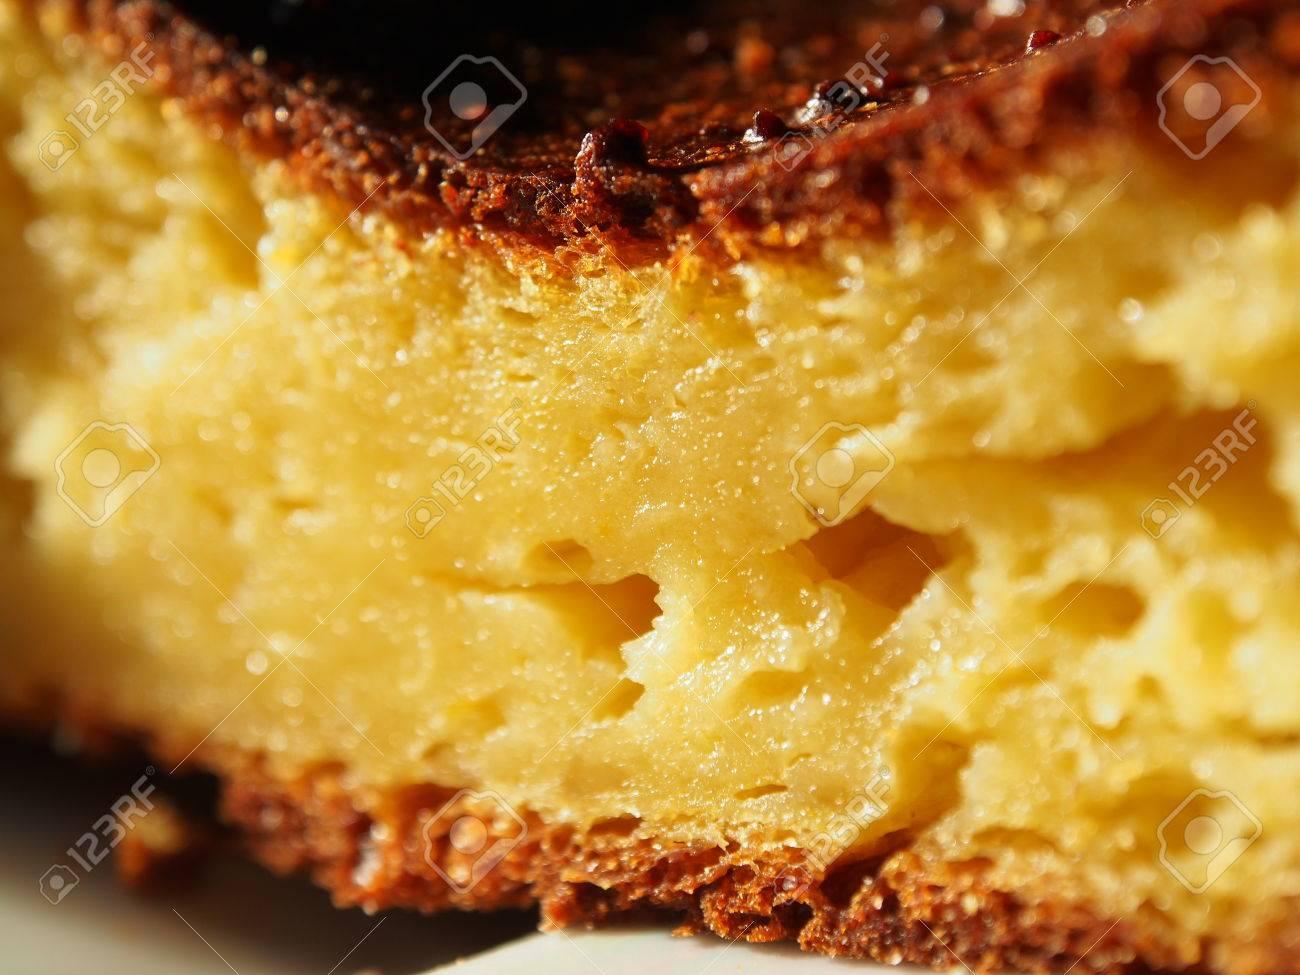 Vue De Côté Dun Délicieux Gâteau Au Citron Maison Cuit Dans Un Four Traditionnel Faible Profondeur De Champ